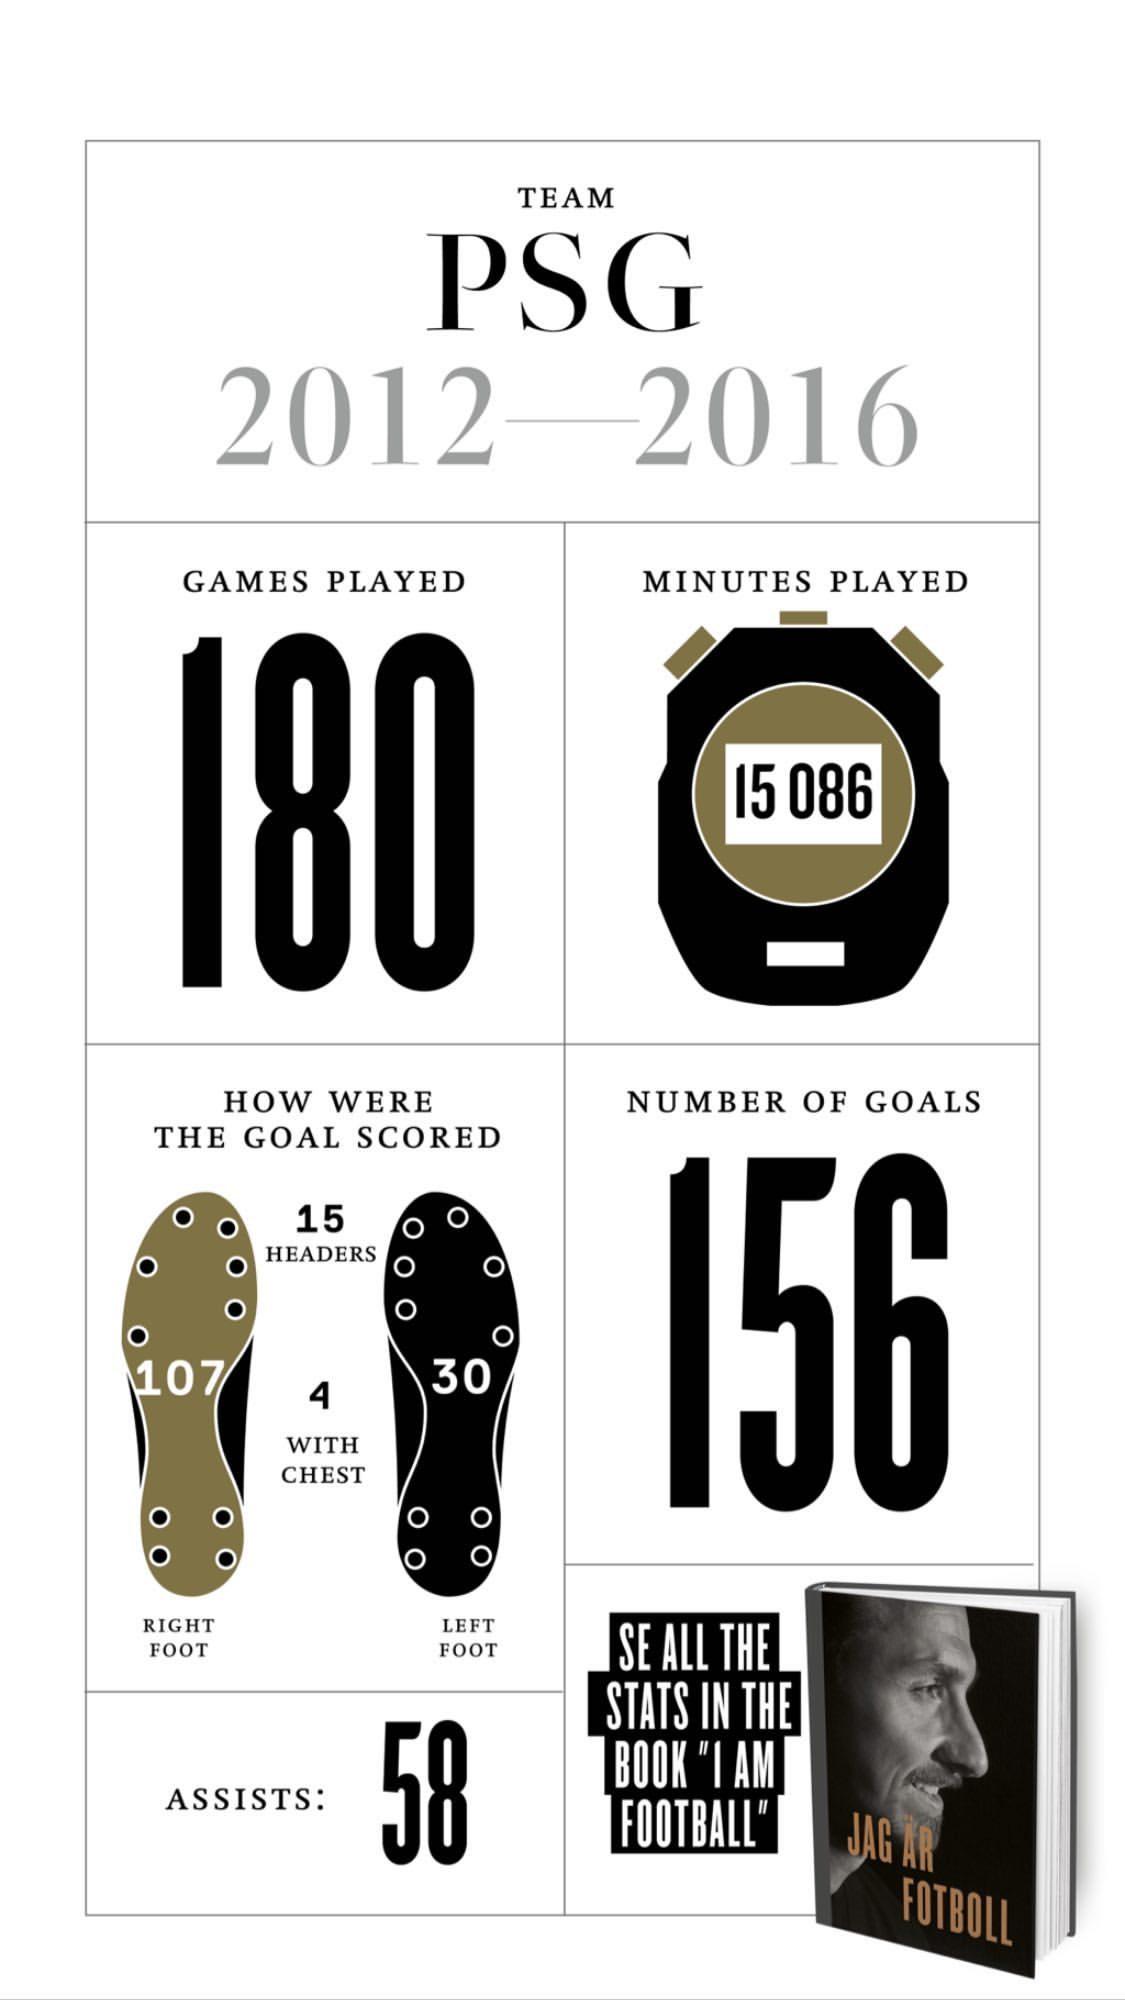 Златистика: интересные цифры Златана Ибрагимовича (Фото) - изображение 7